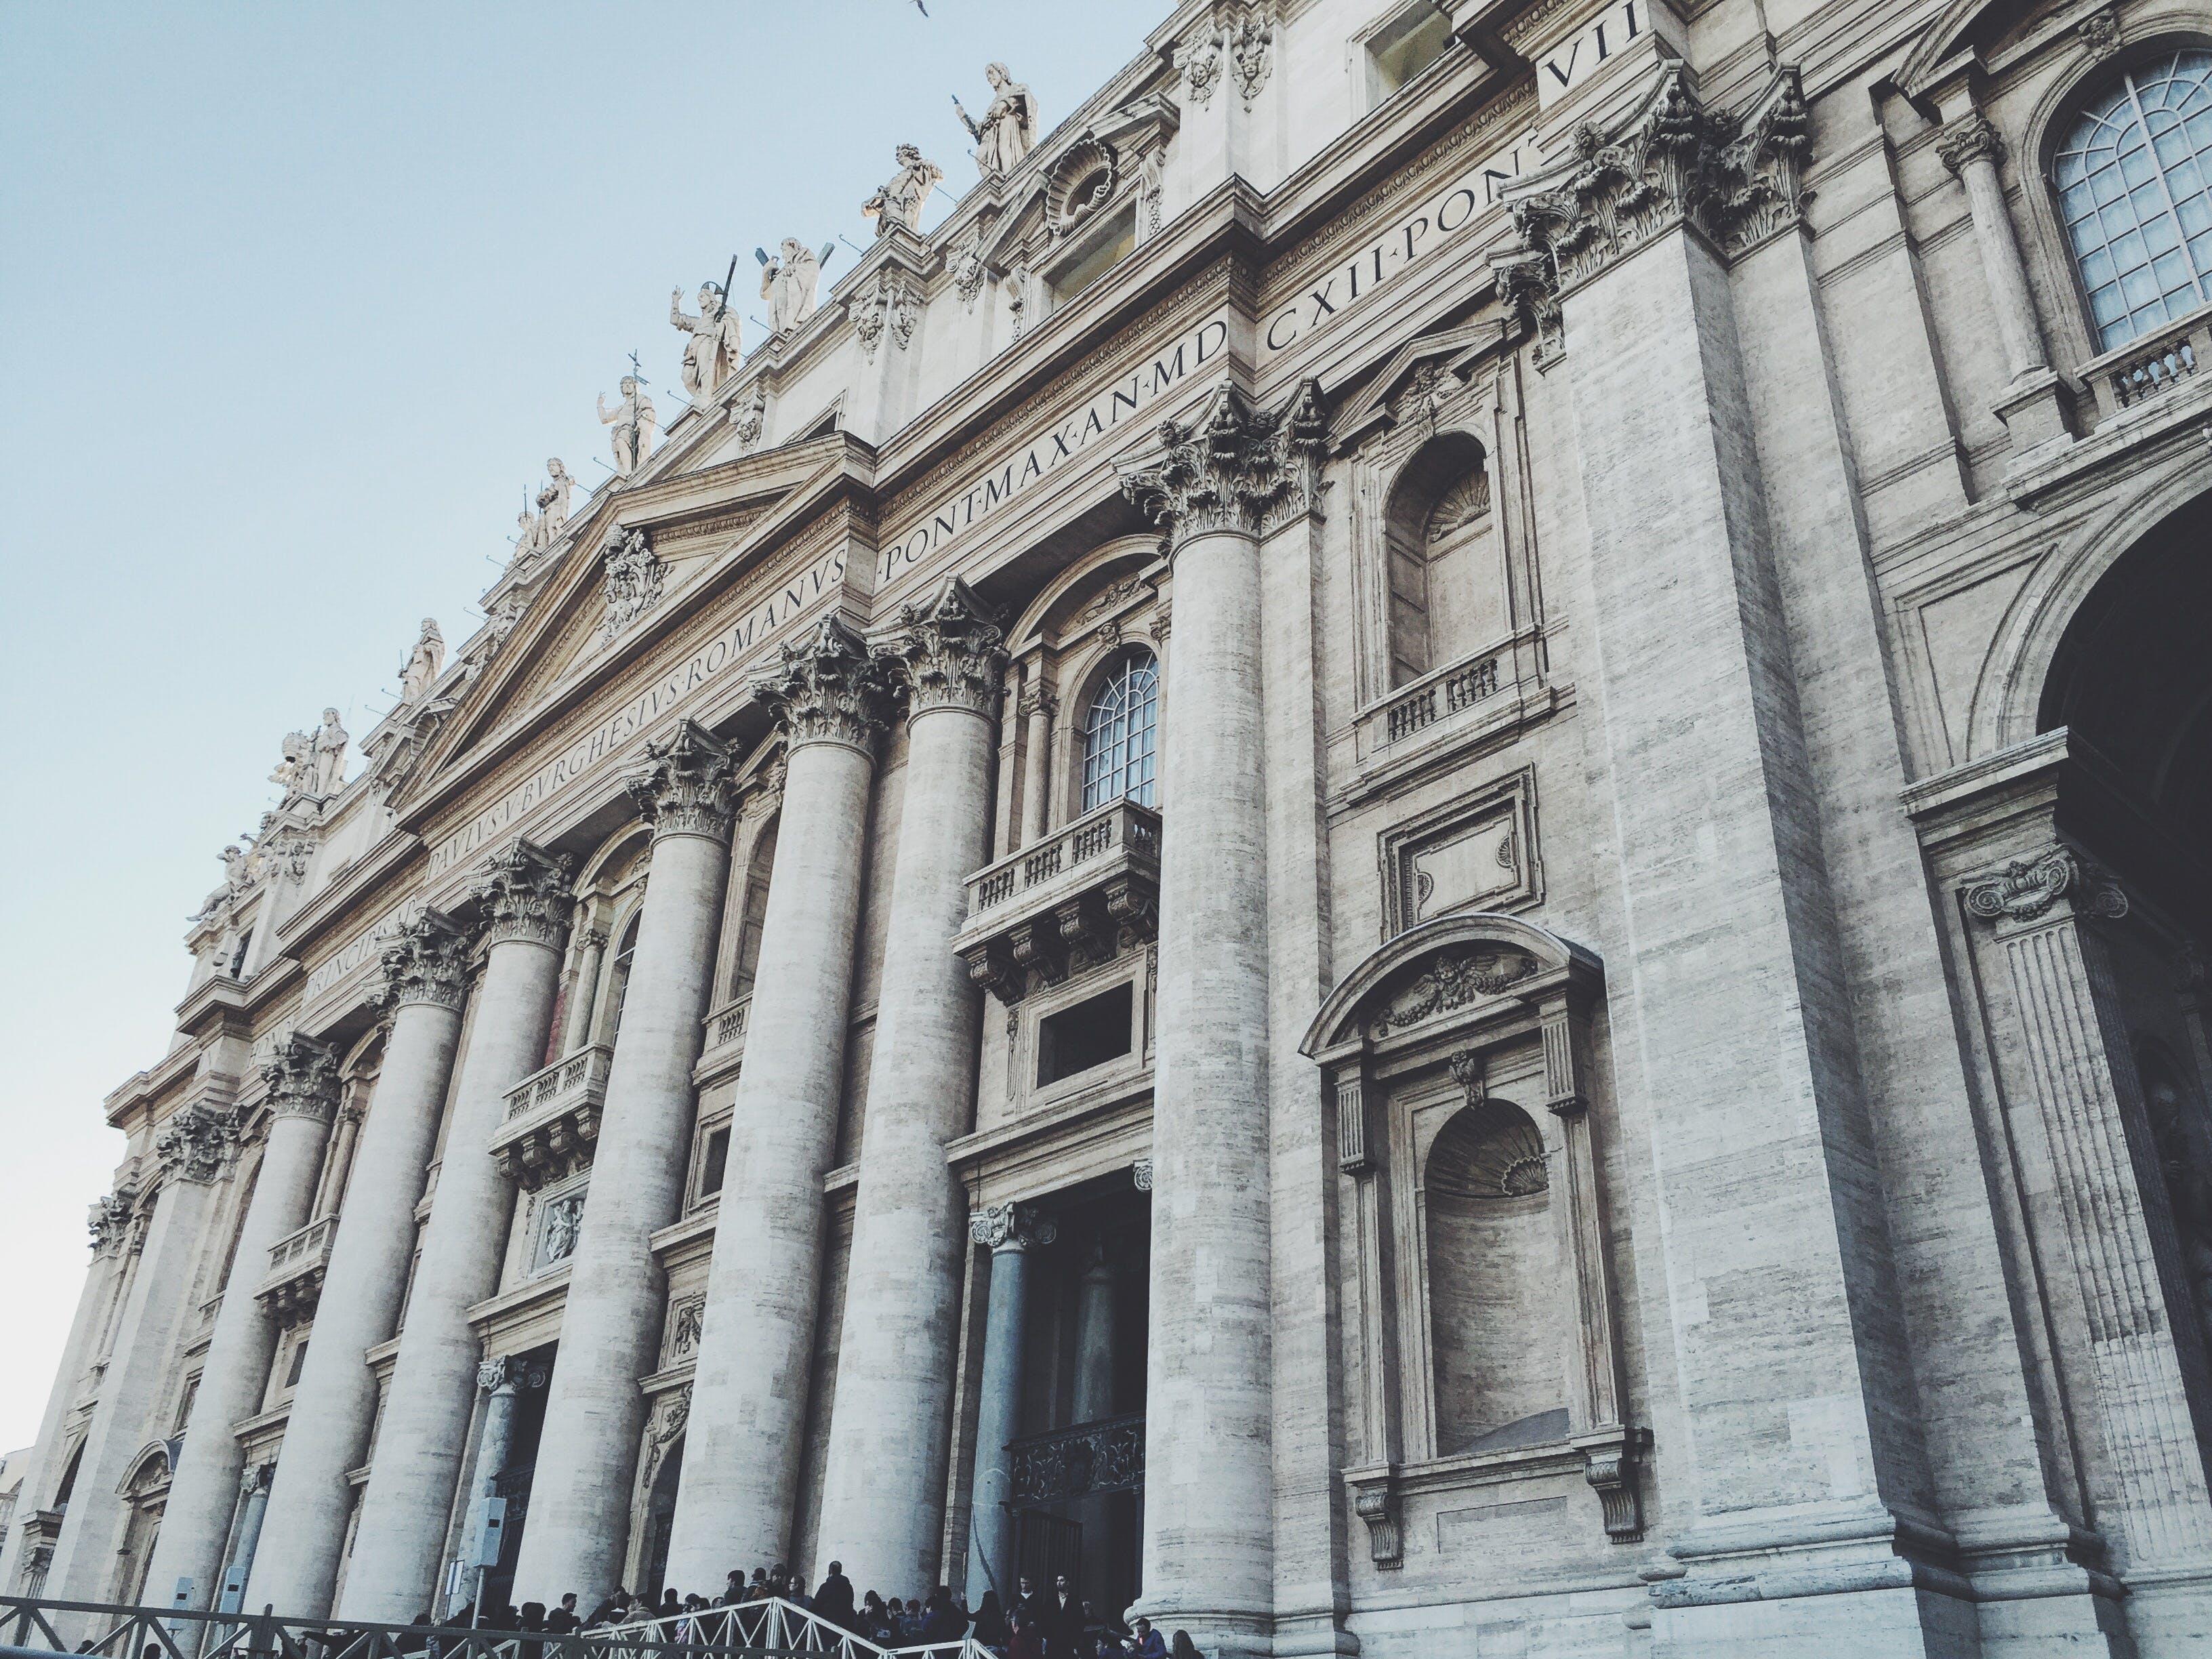 architektur, basilika, gebäude